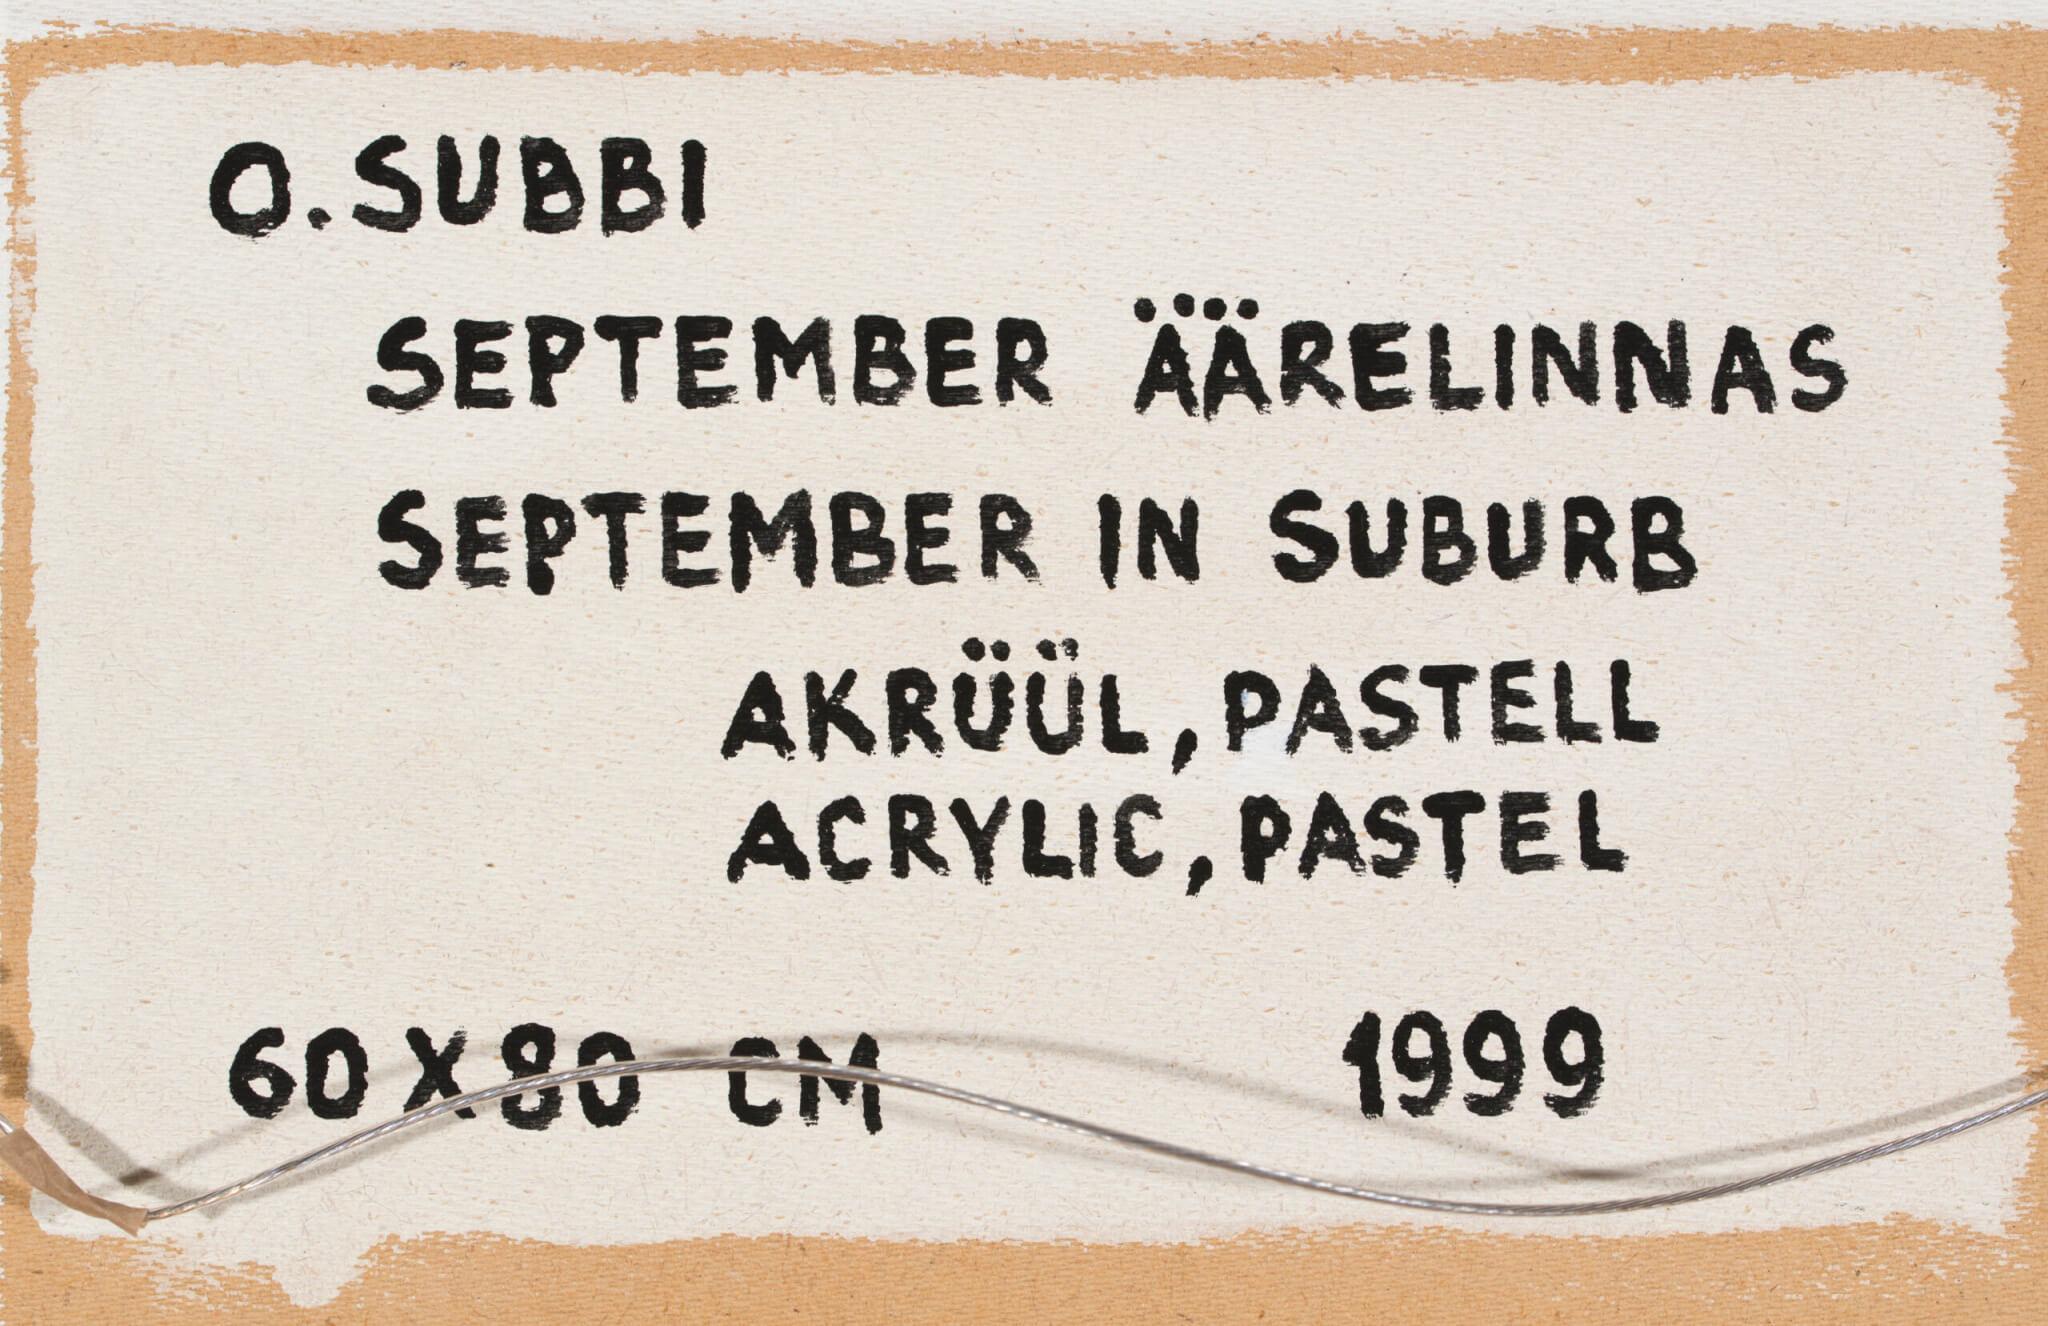 Olev-Subbi-maal-akrüül-pastell-